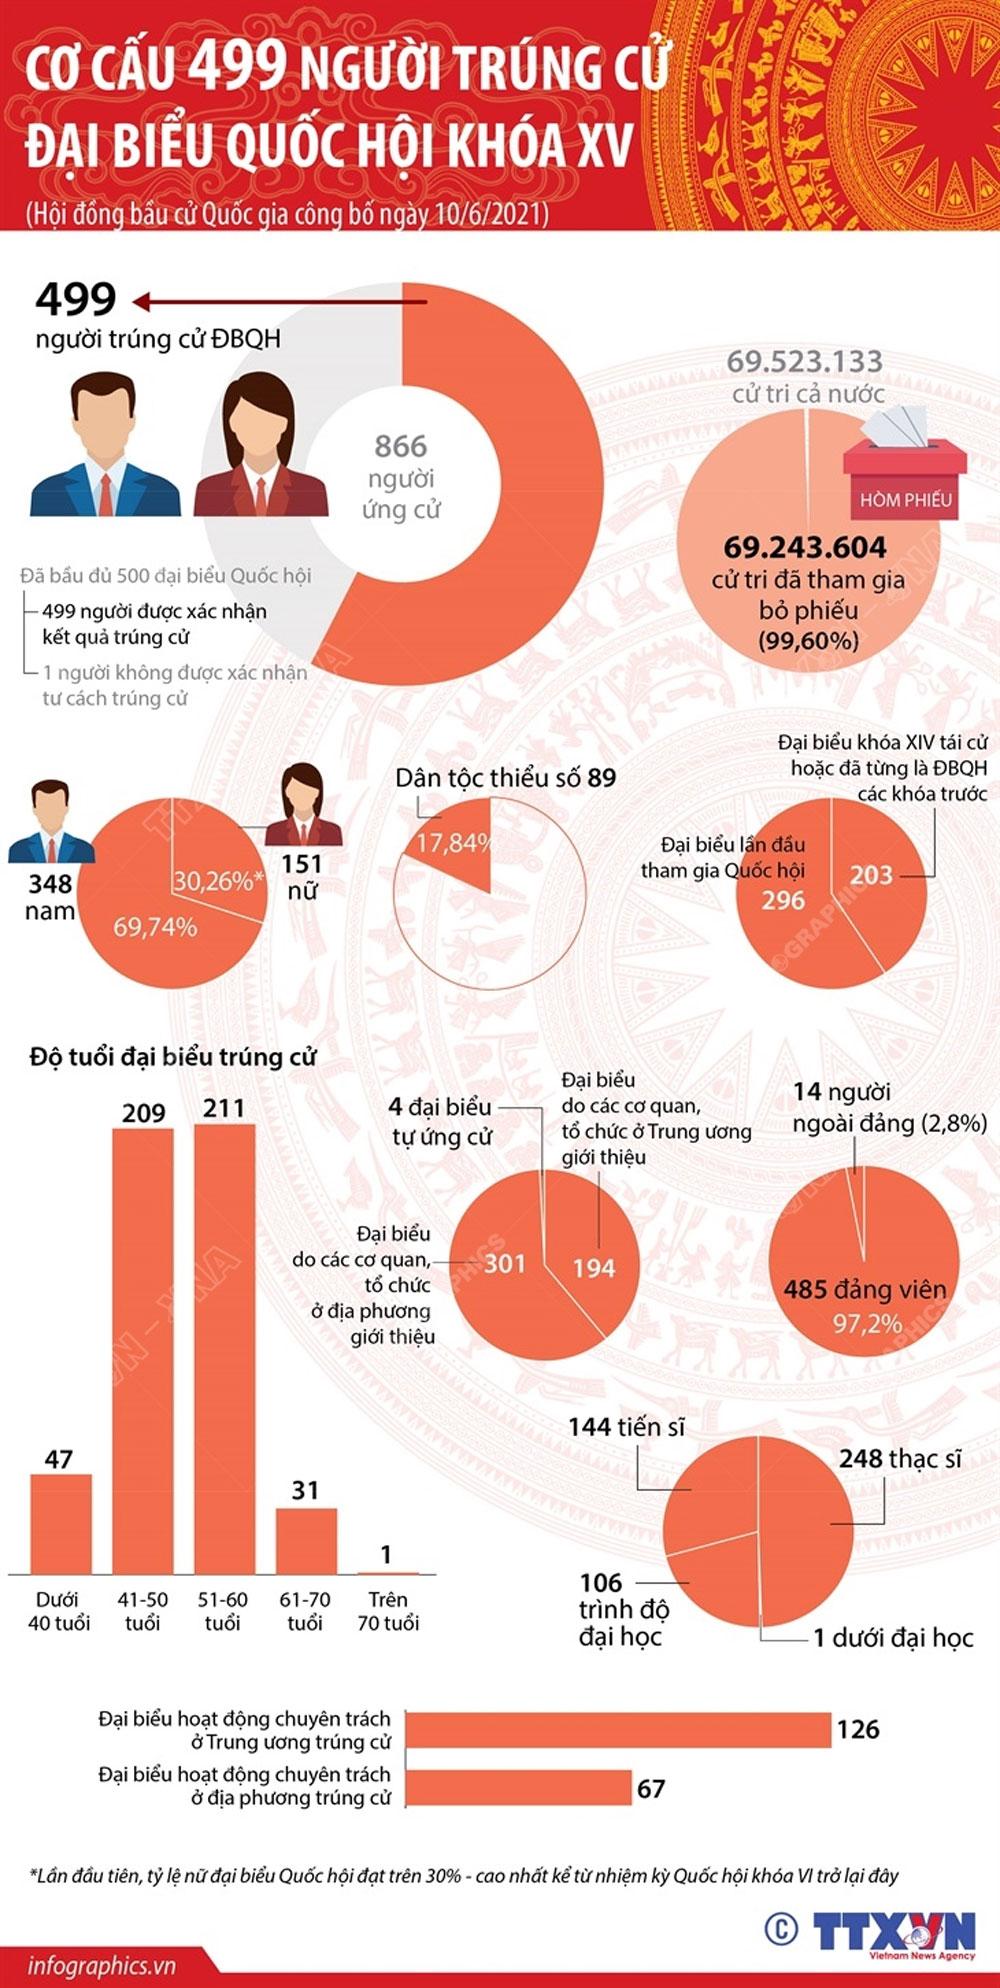 Cơ cấu, 499 người trúng cử, đại biểu Quốc hội khóa XV